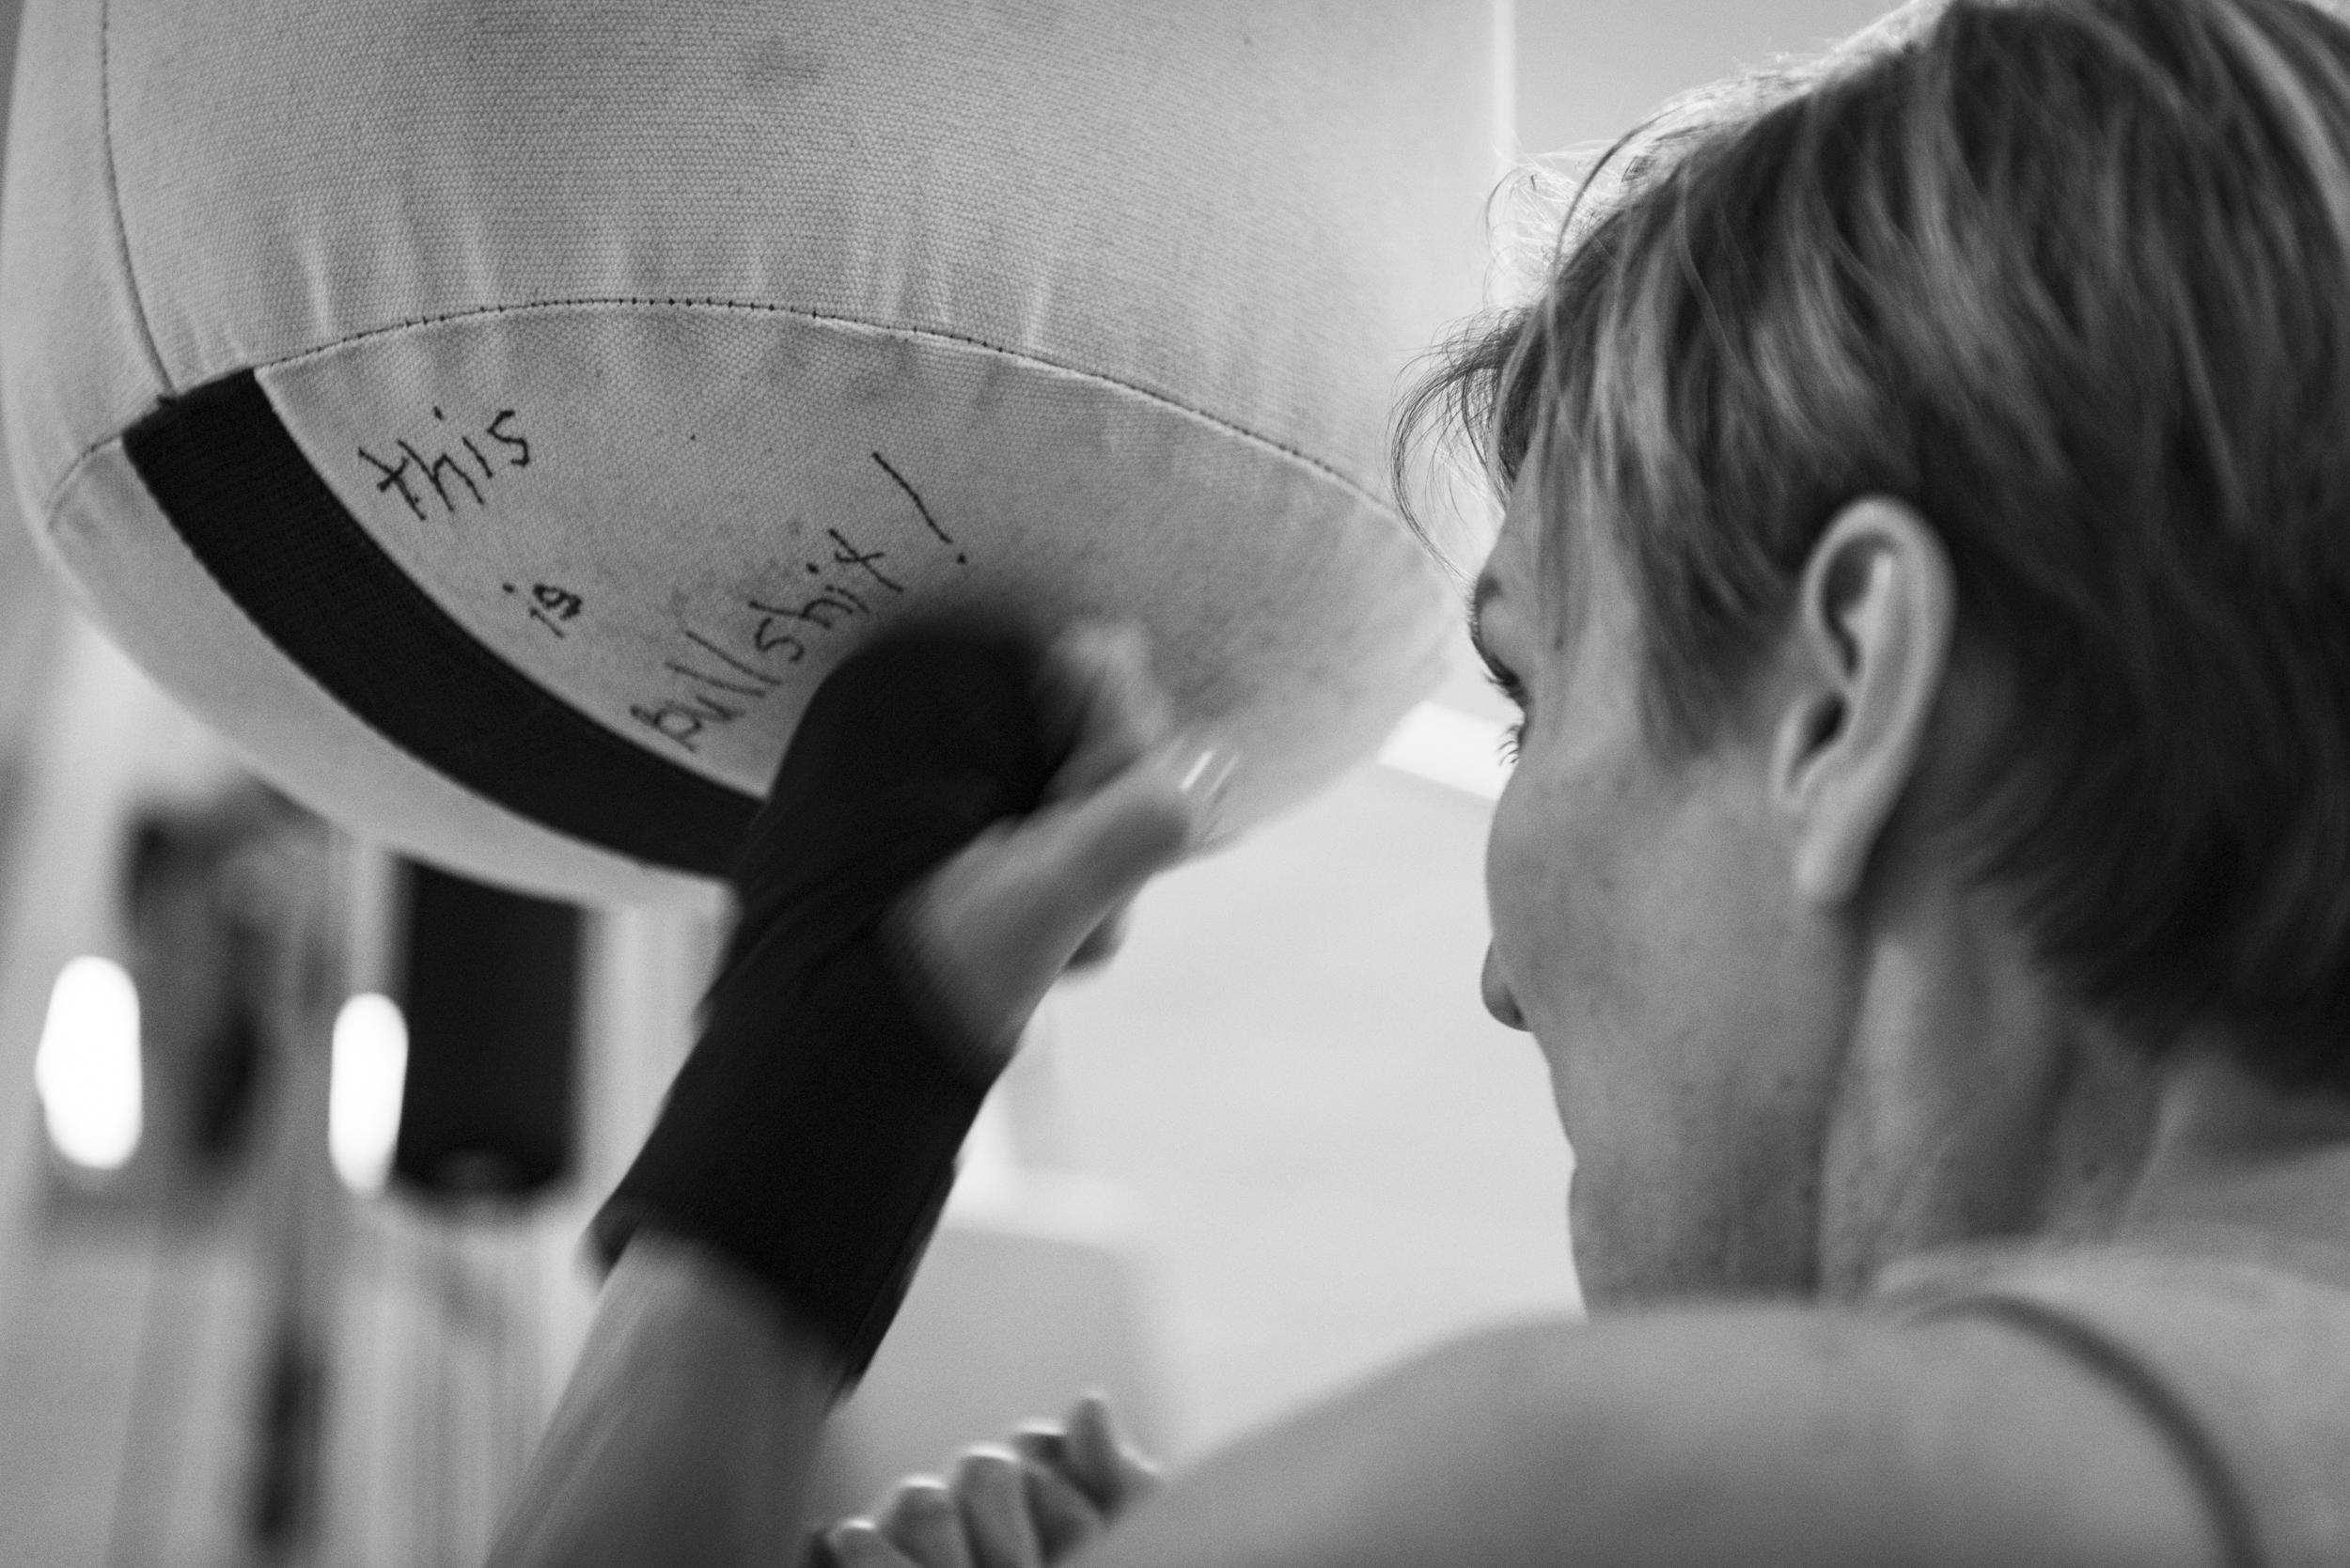 Cretaro isn't a stranger to intense workouts. In her 40s, she earned a black belt in taekwondo.